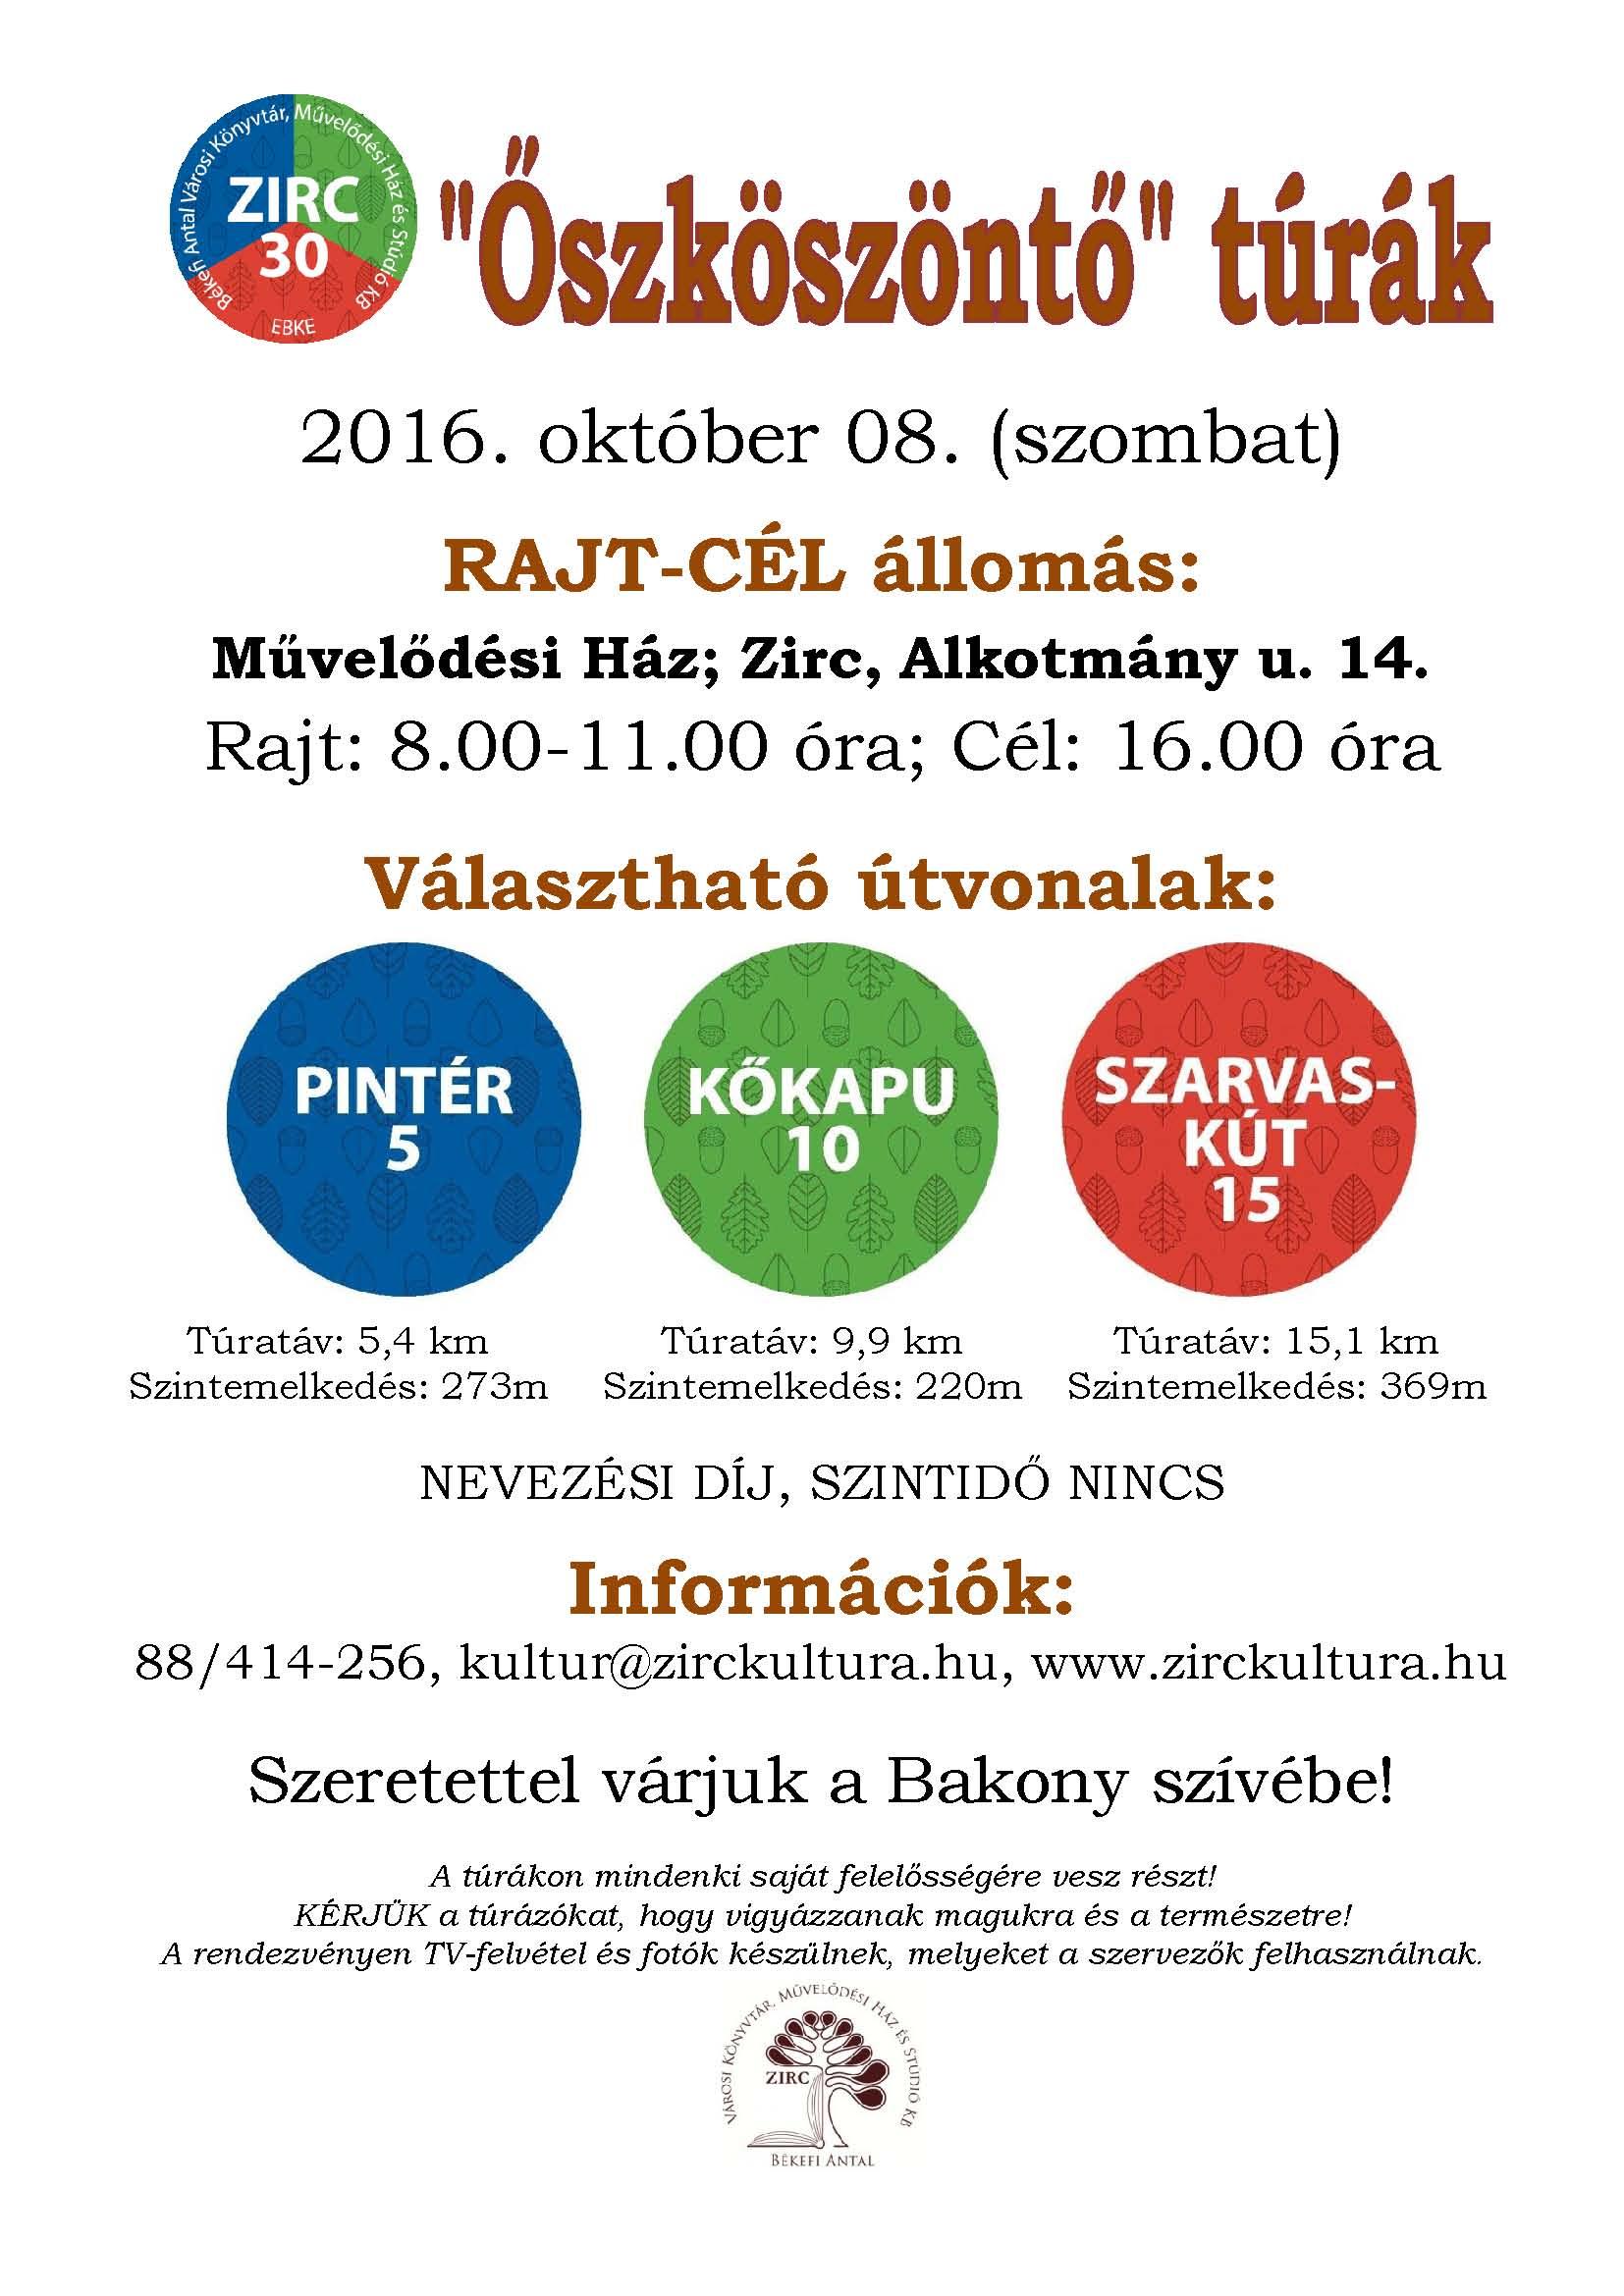 2016-10-08_zirc30-oszkoszonto_turak.jpg